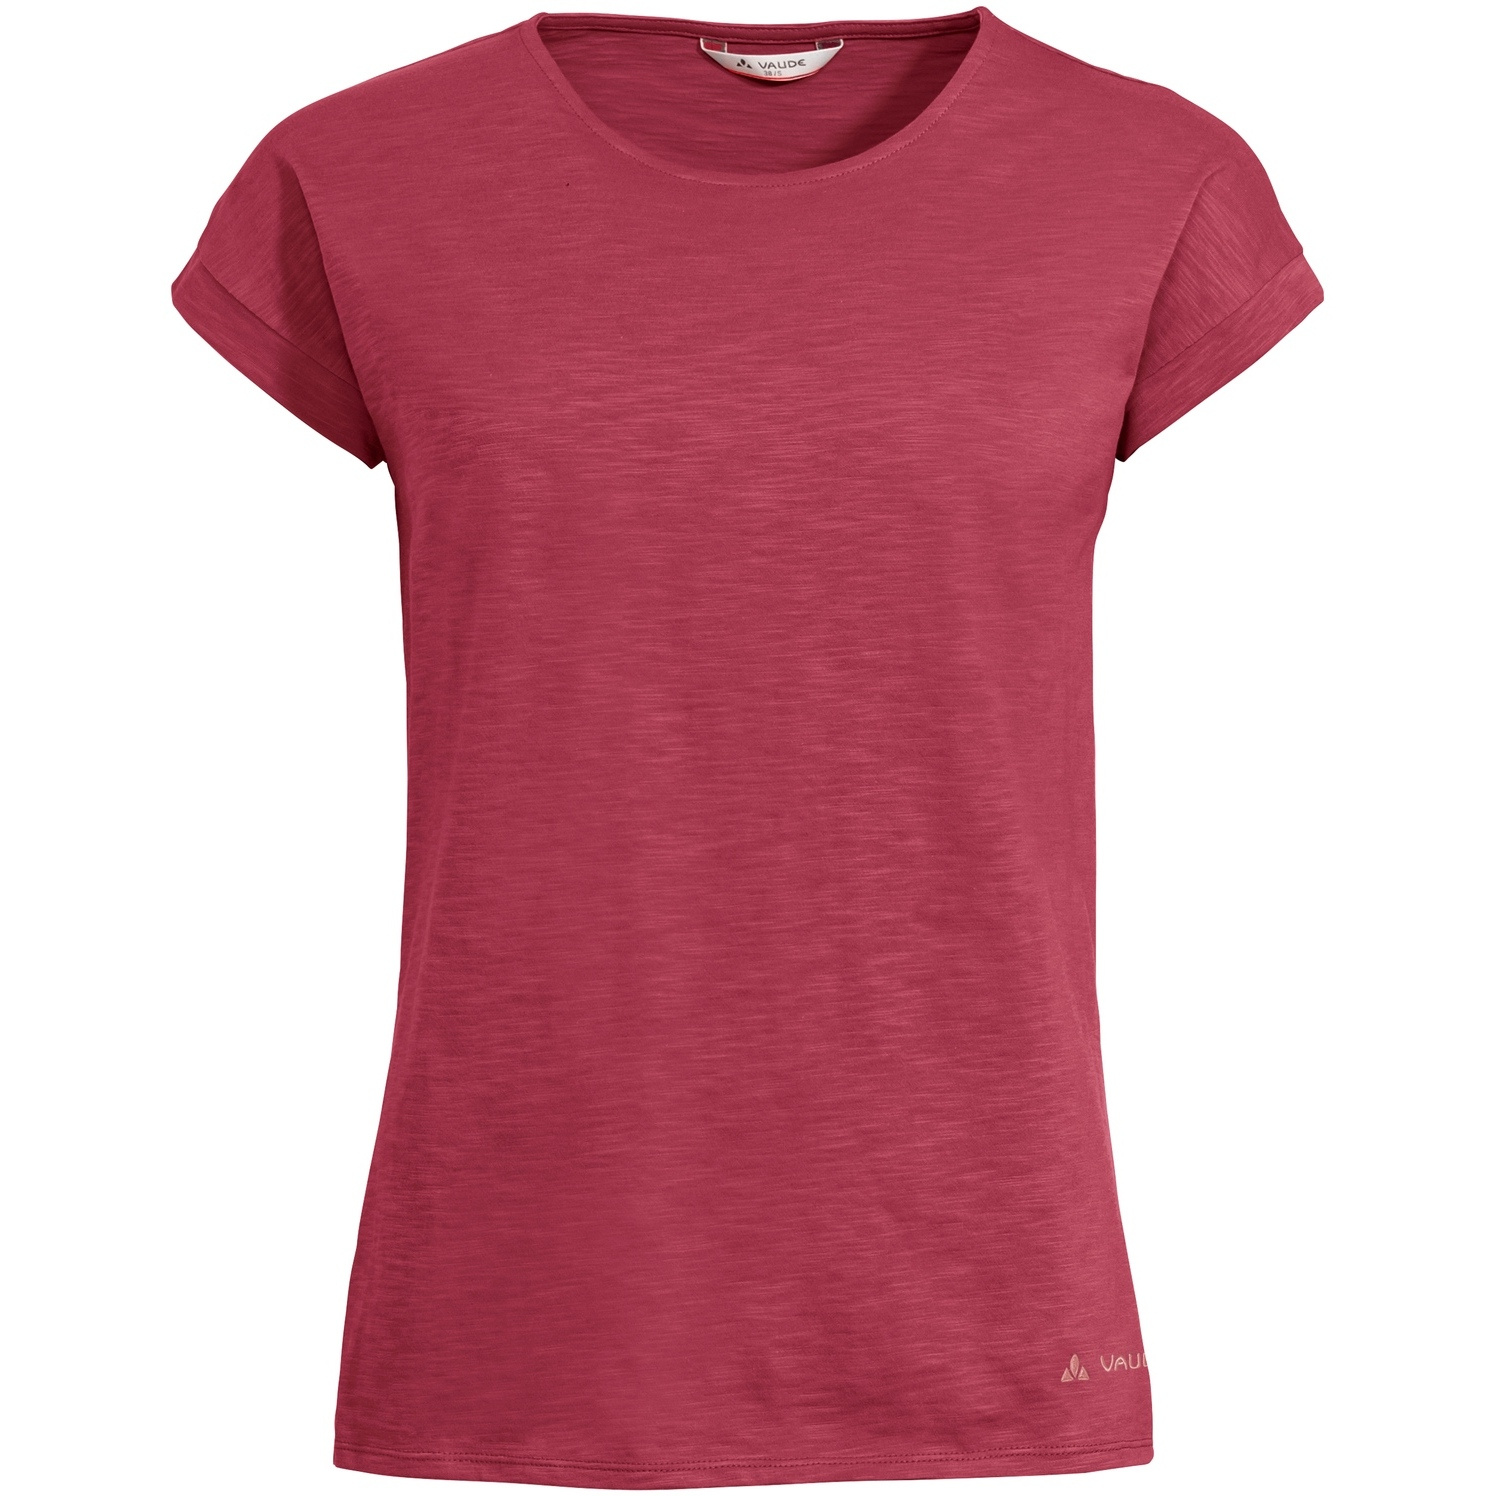 Bild von Vaude Moja Damen T-Shirt IV - red cluster